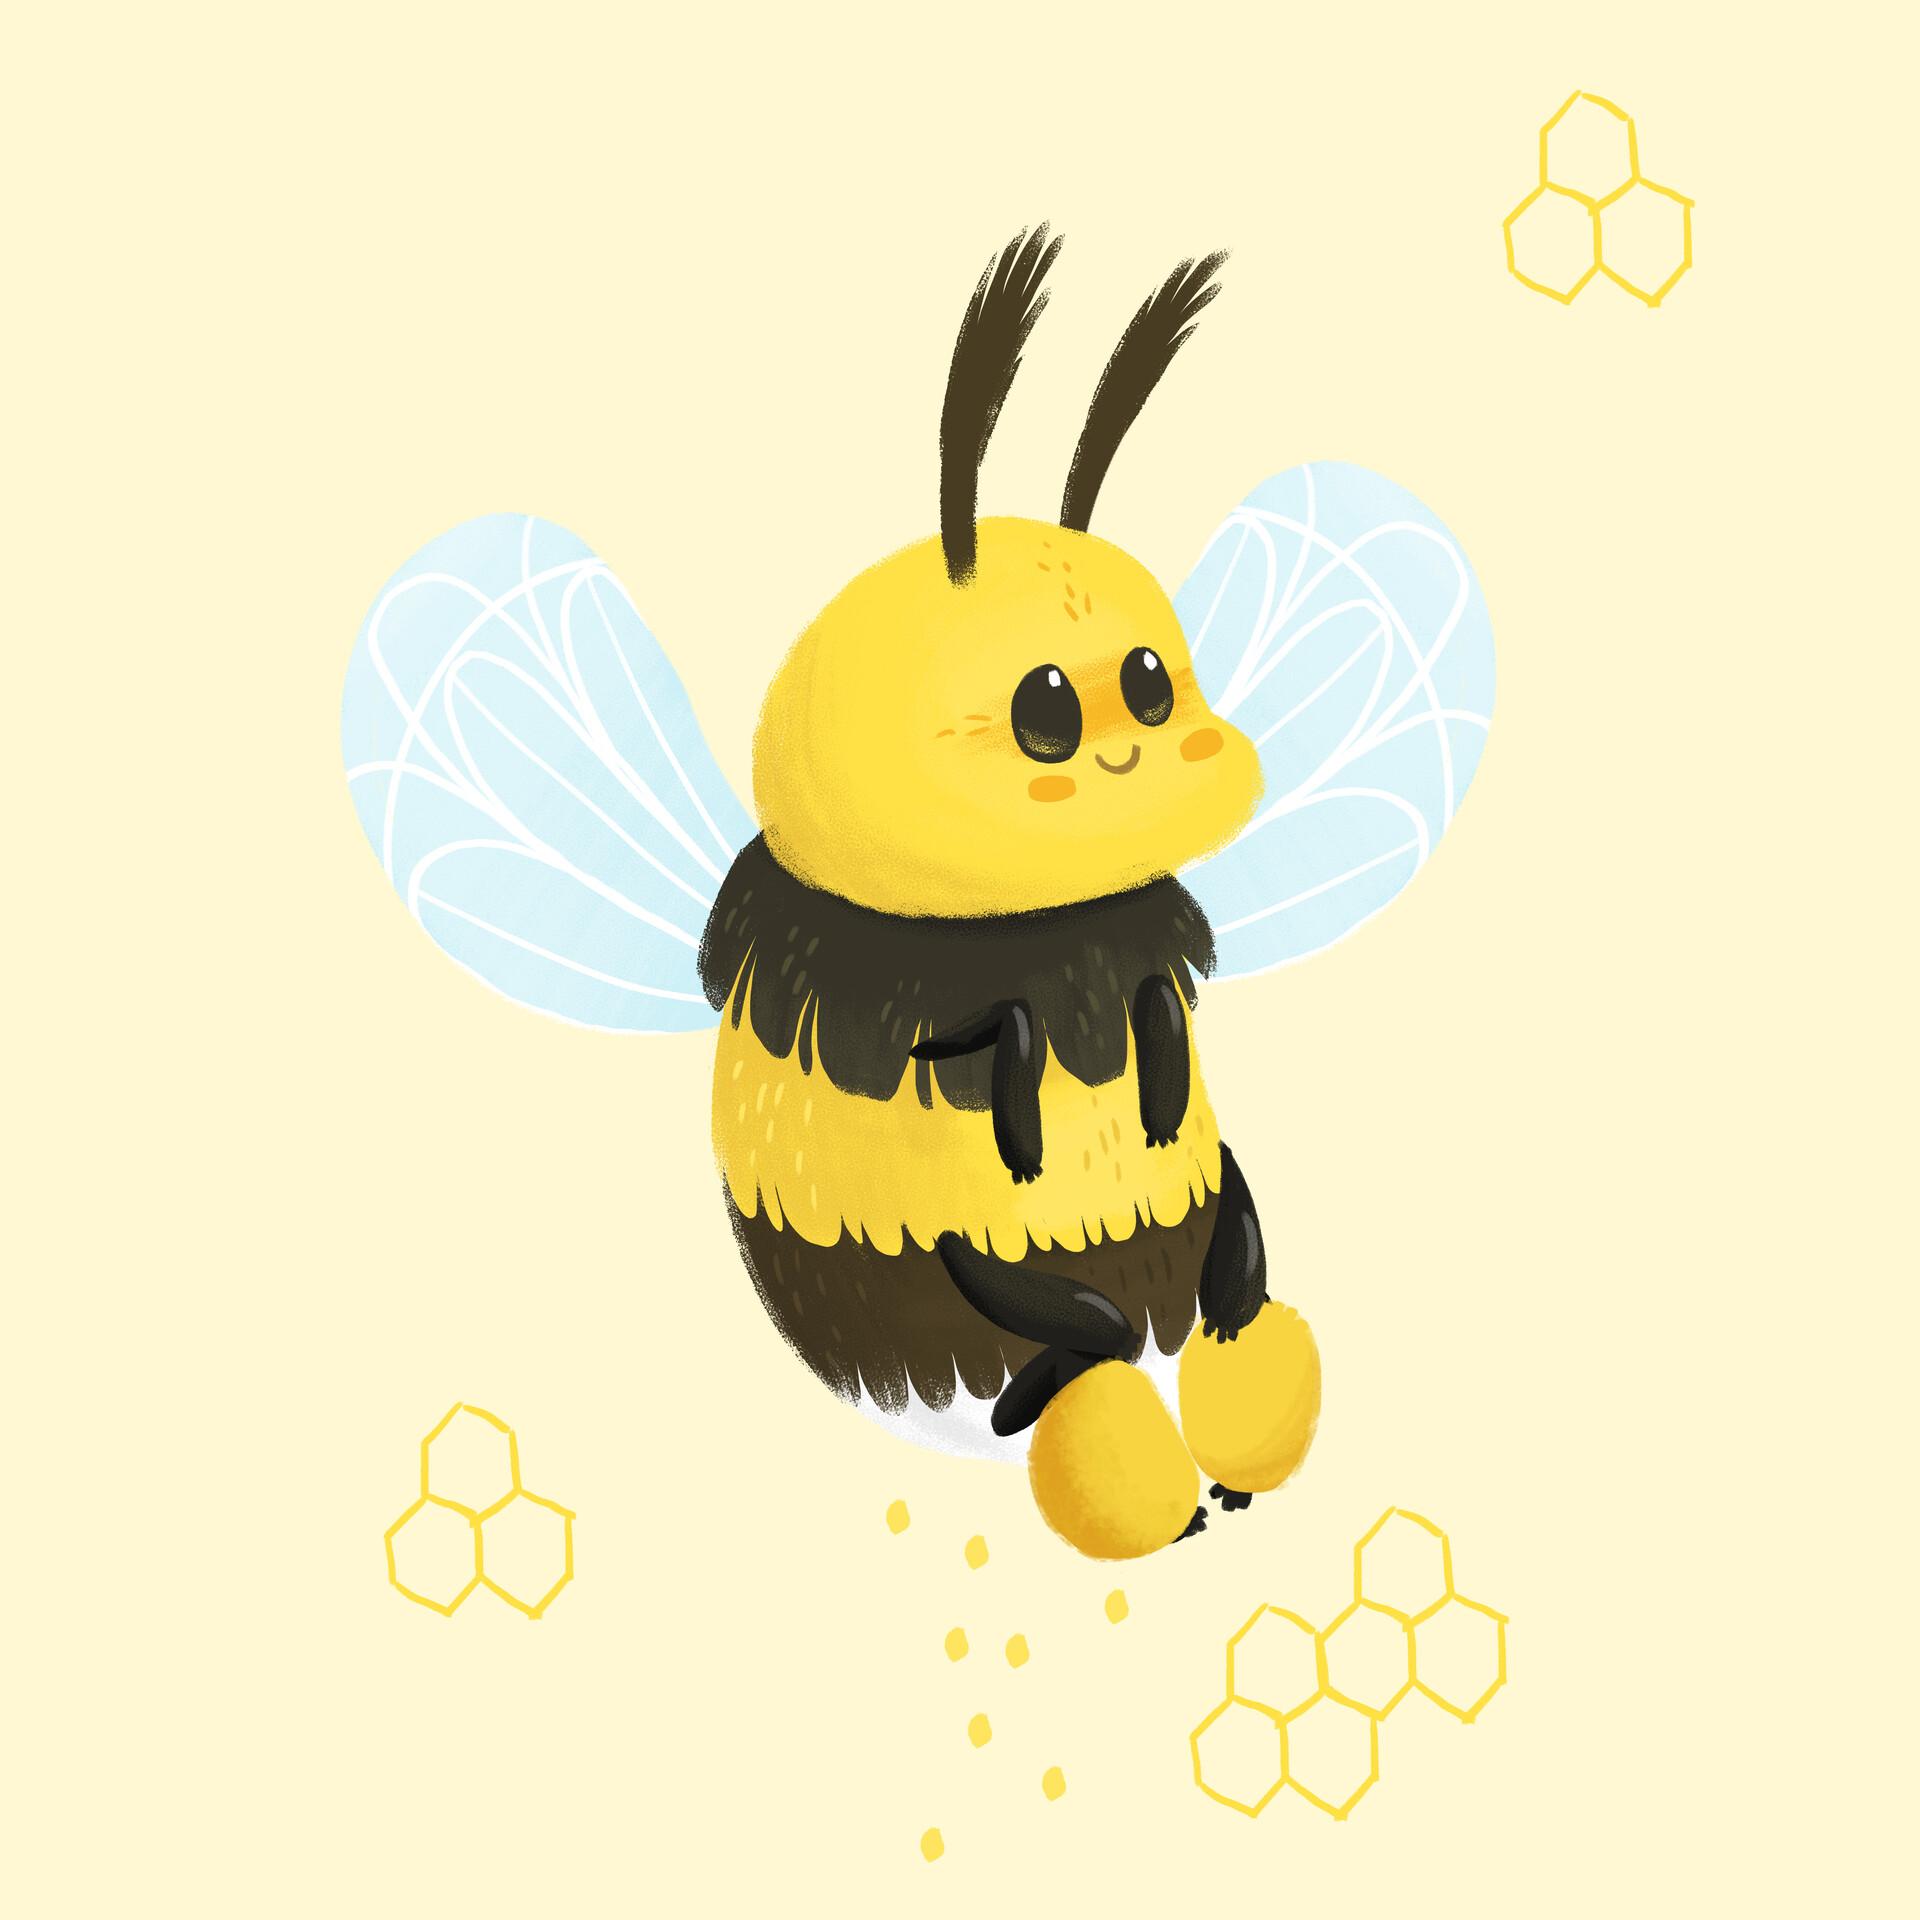 вам крутые картинки пчела анимация этом интересном